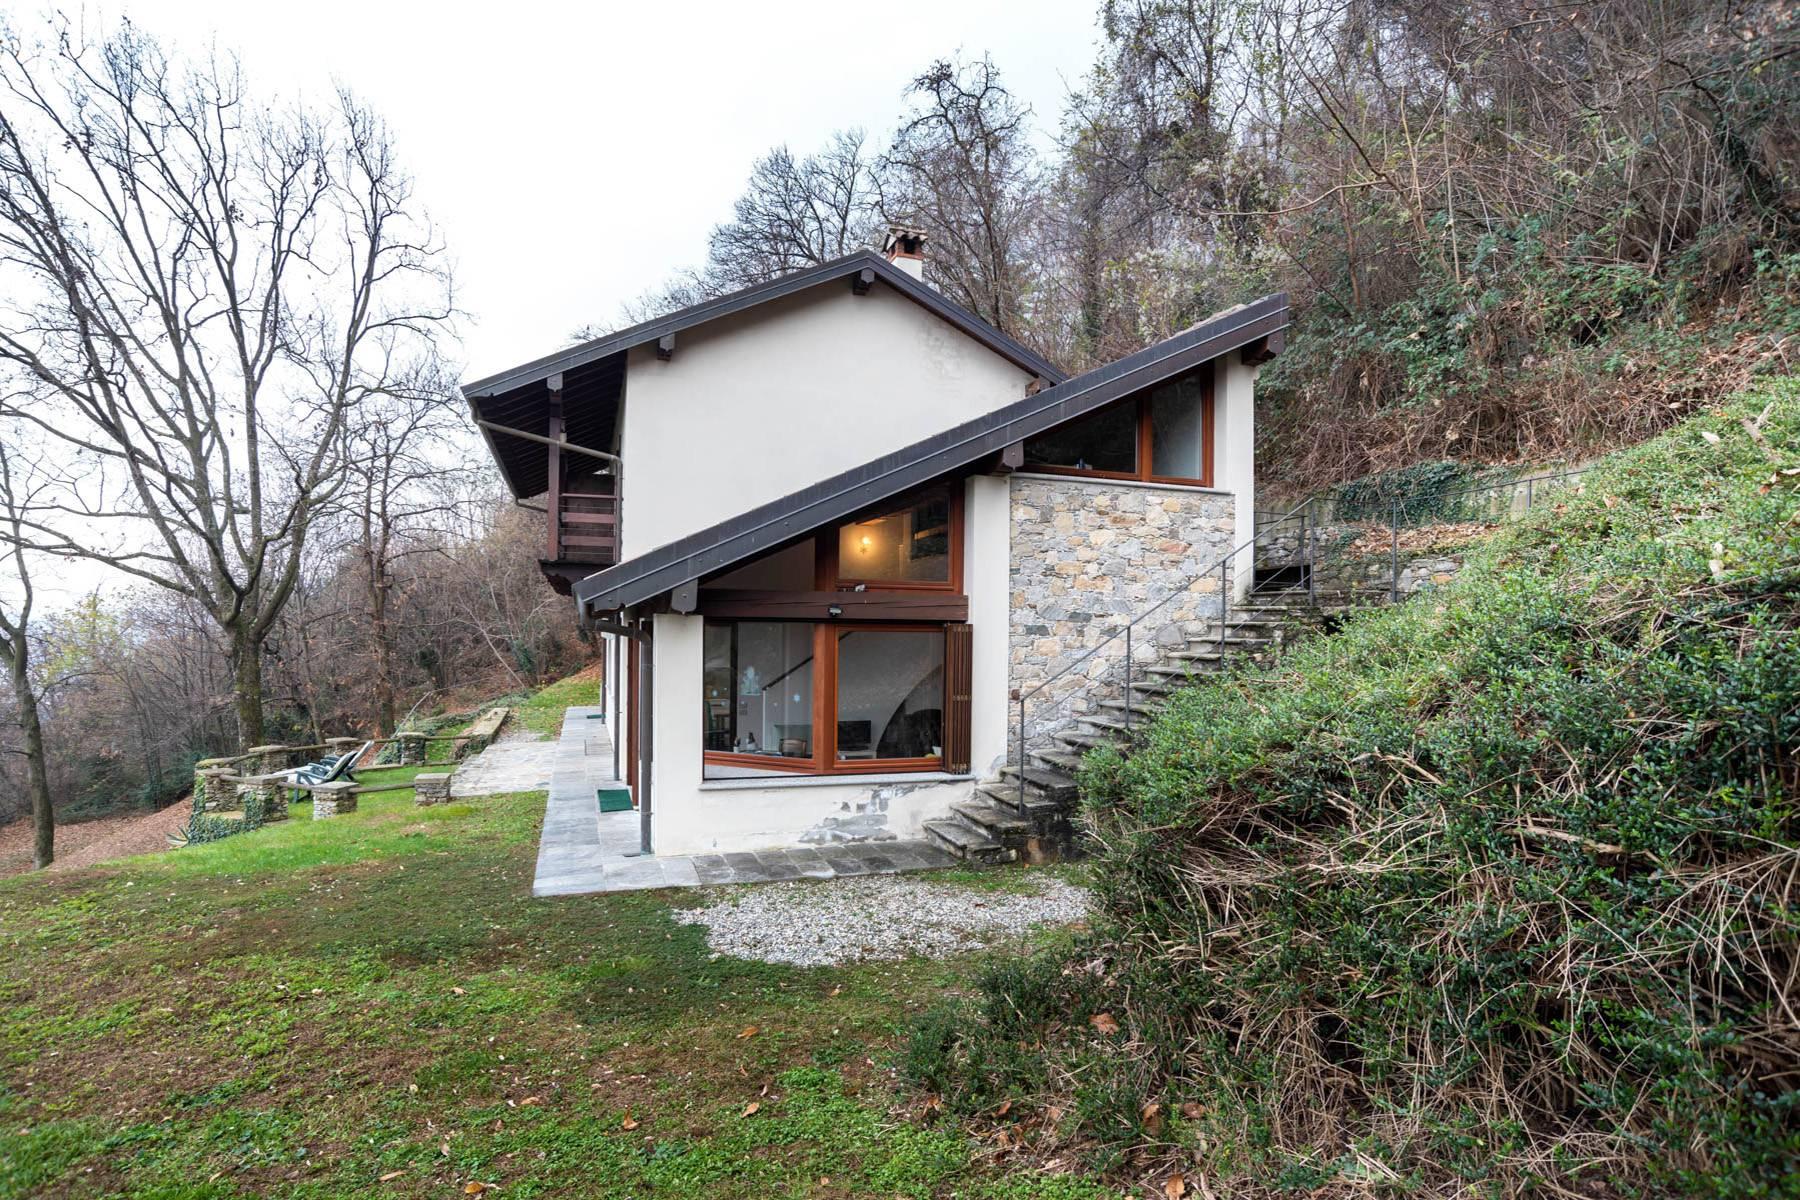 Villa in Vendita a Massino Visconti: 5 locali, 200 mq - Foto 4